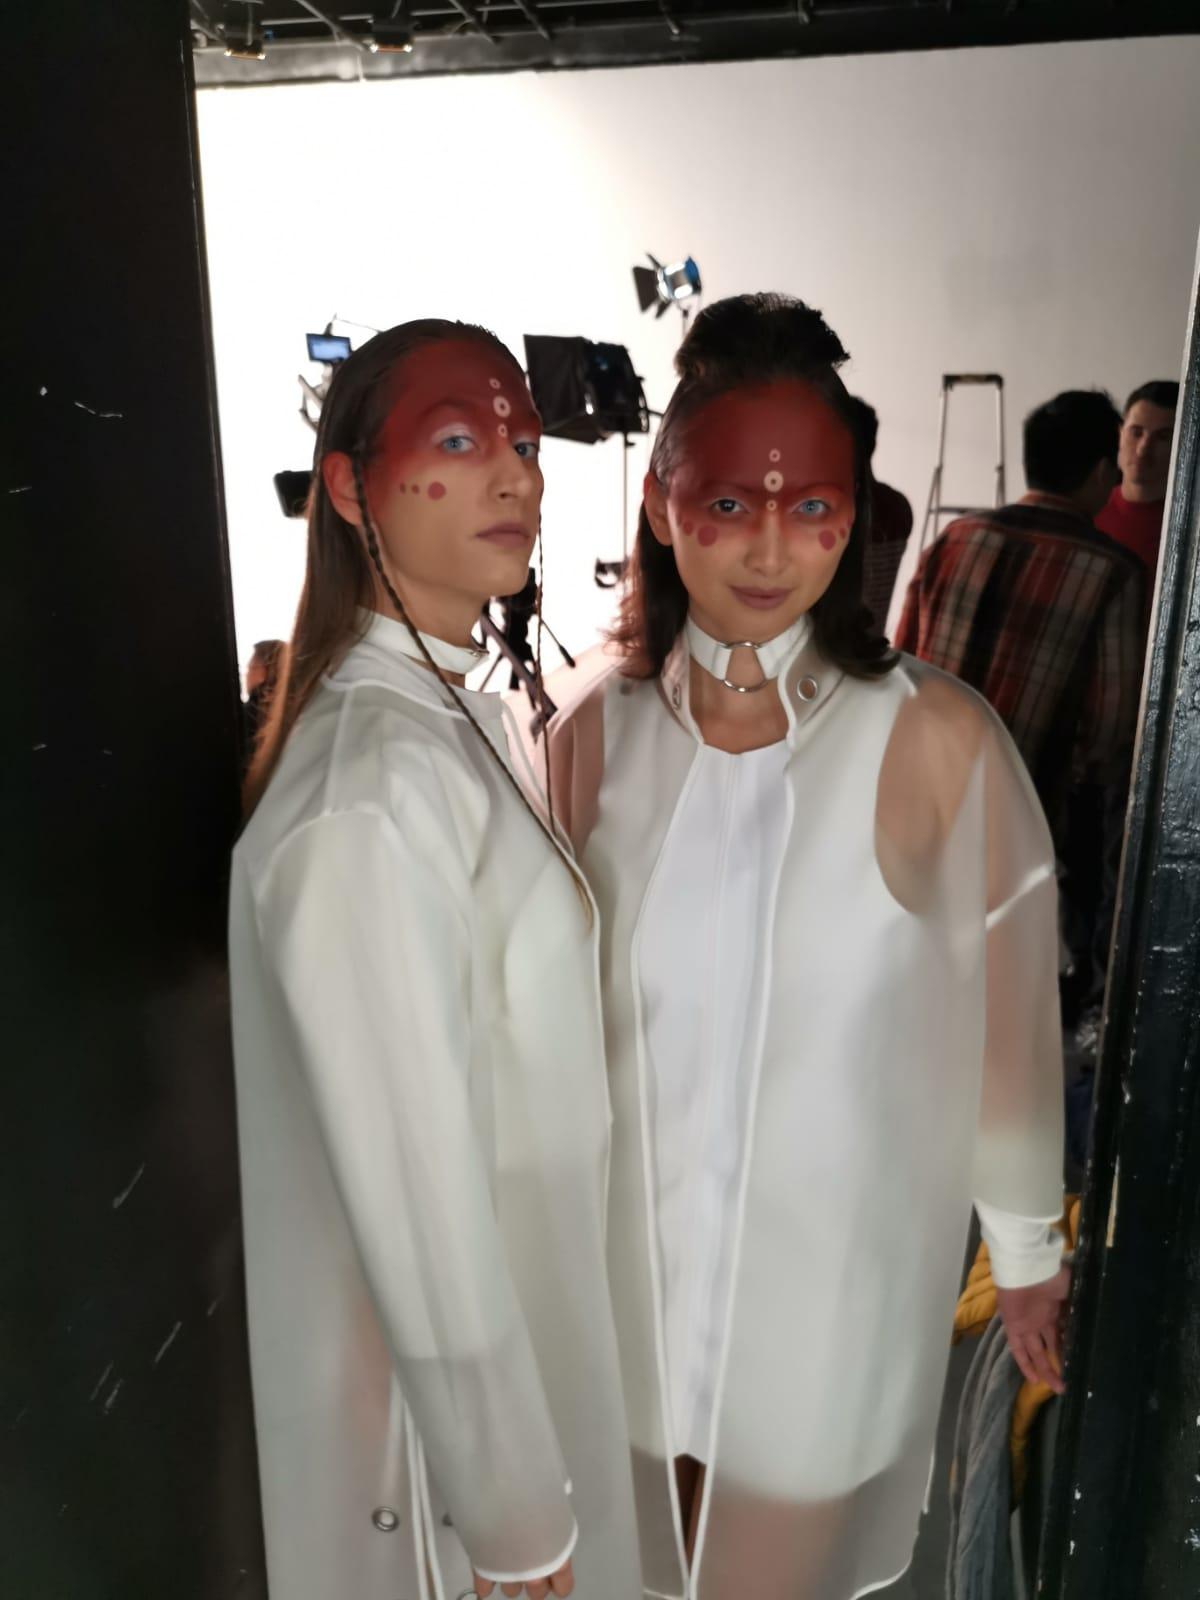 rachelle flores nikon marc morineau actrice actress comedienne comedian asian asiatique 2.jpeg